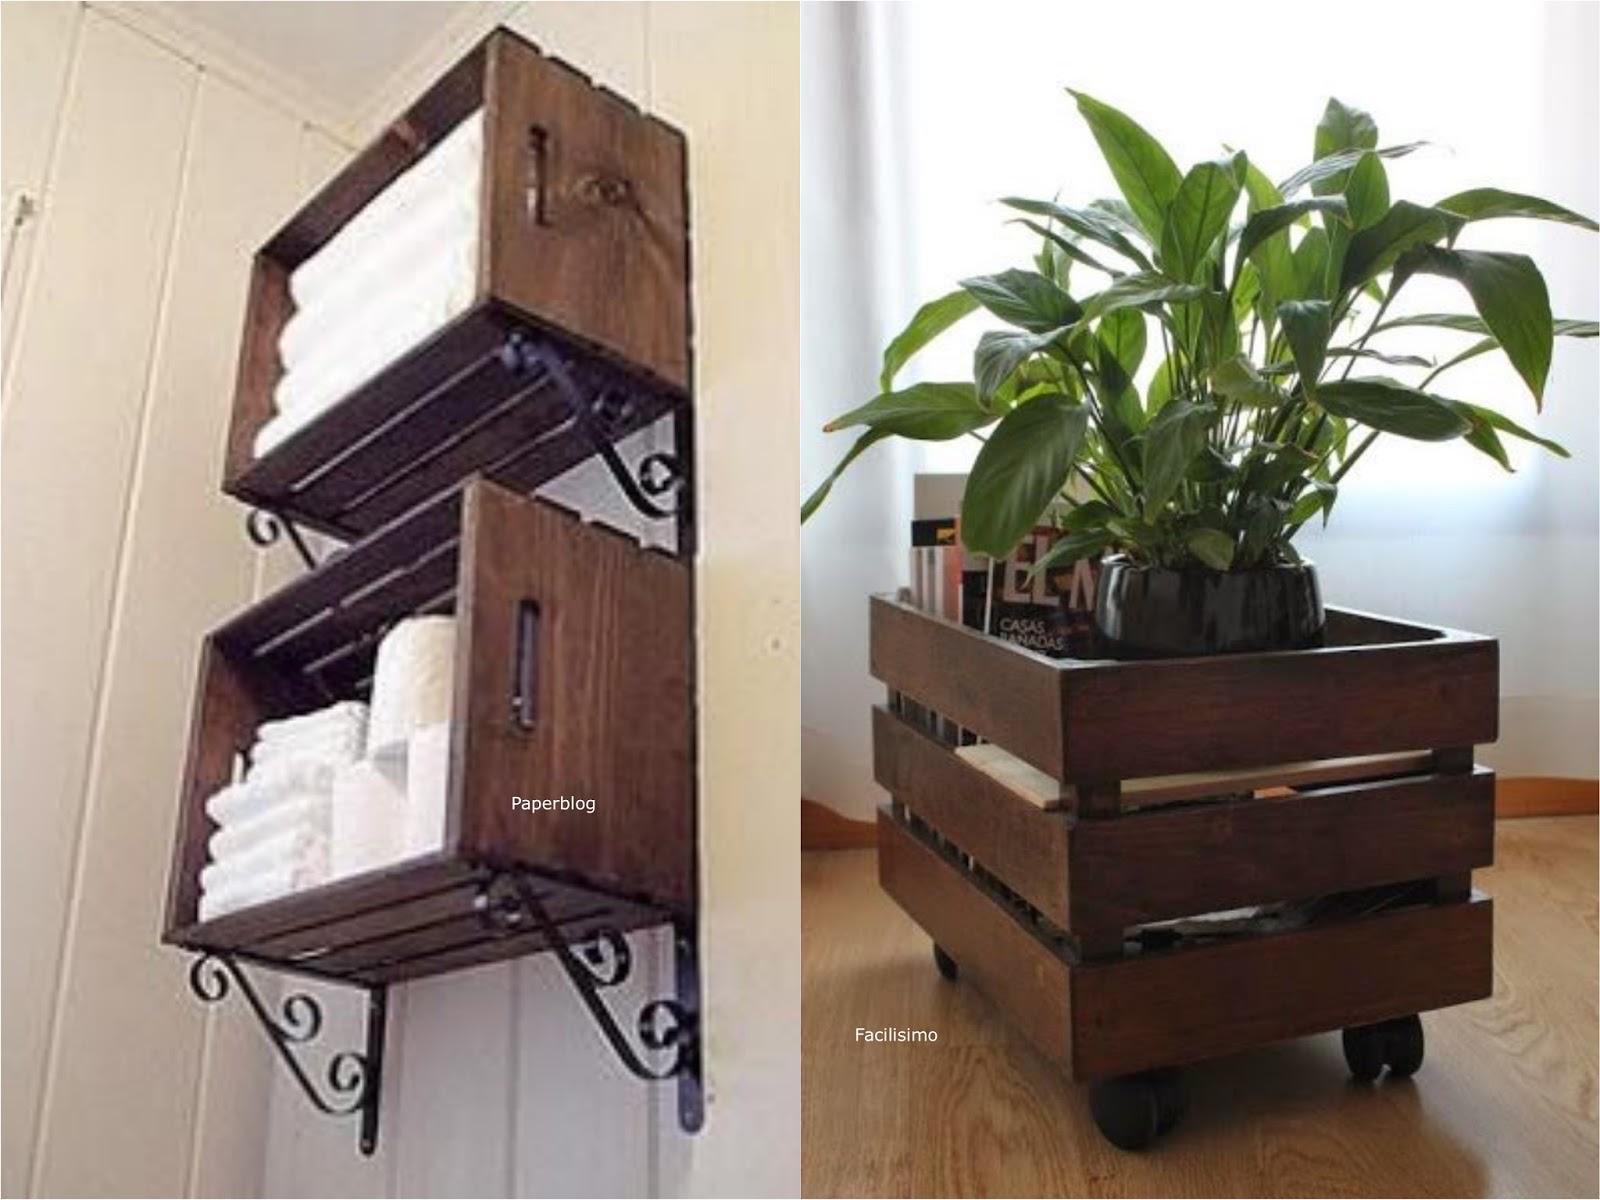 It mum decorar la casa con el diy de cajas de madera deco for Decoracion de madera